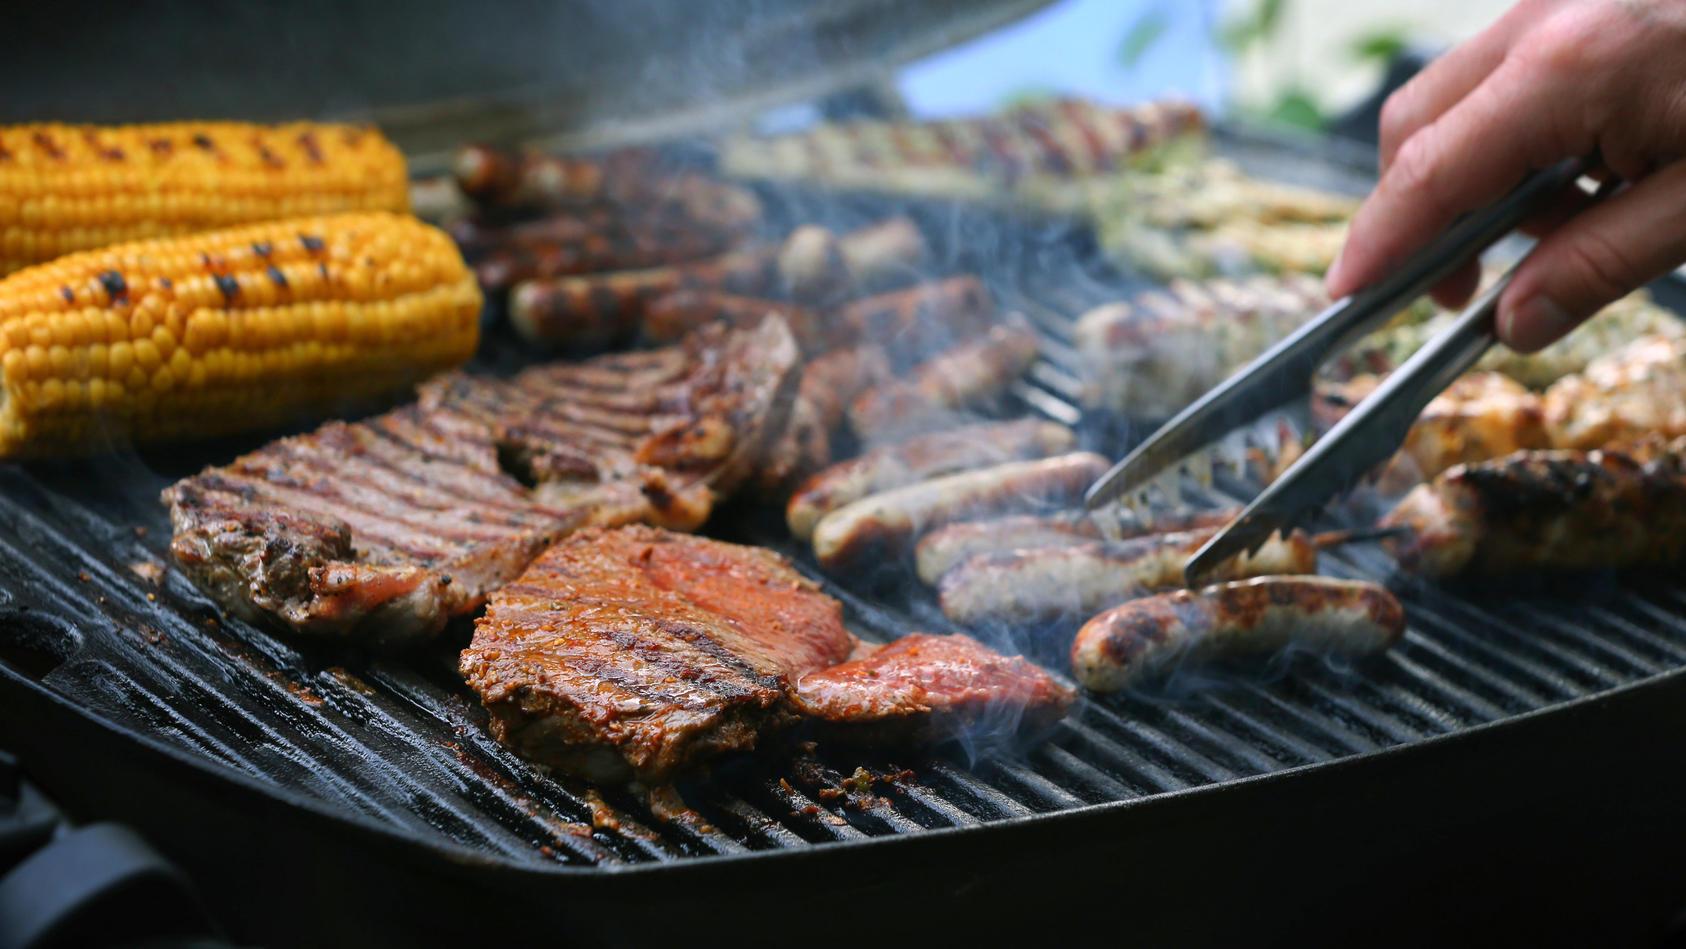 Günstiges Grillfleisch soll es in Zukunft nicht mehr geben - wenn es nach dem WWF geht.